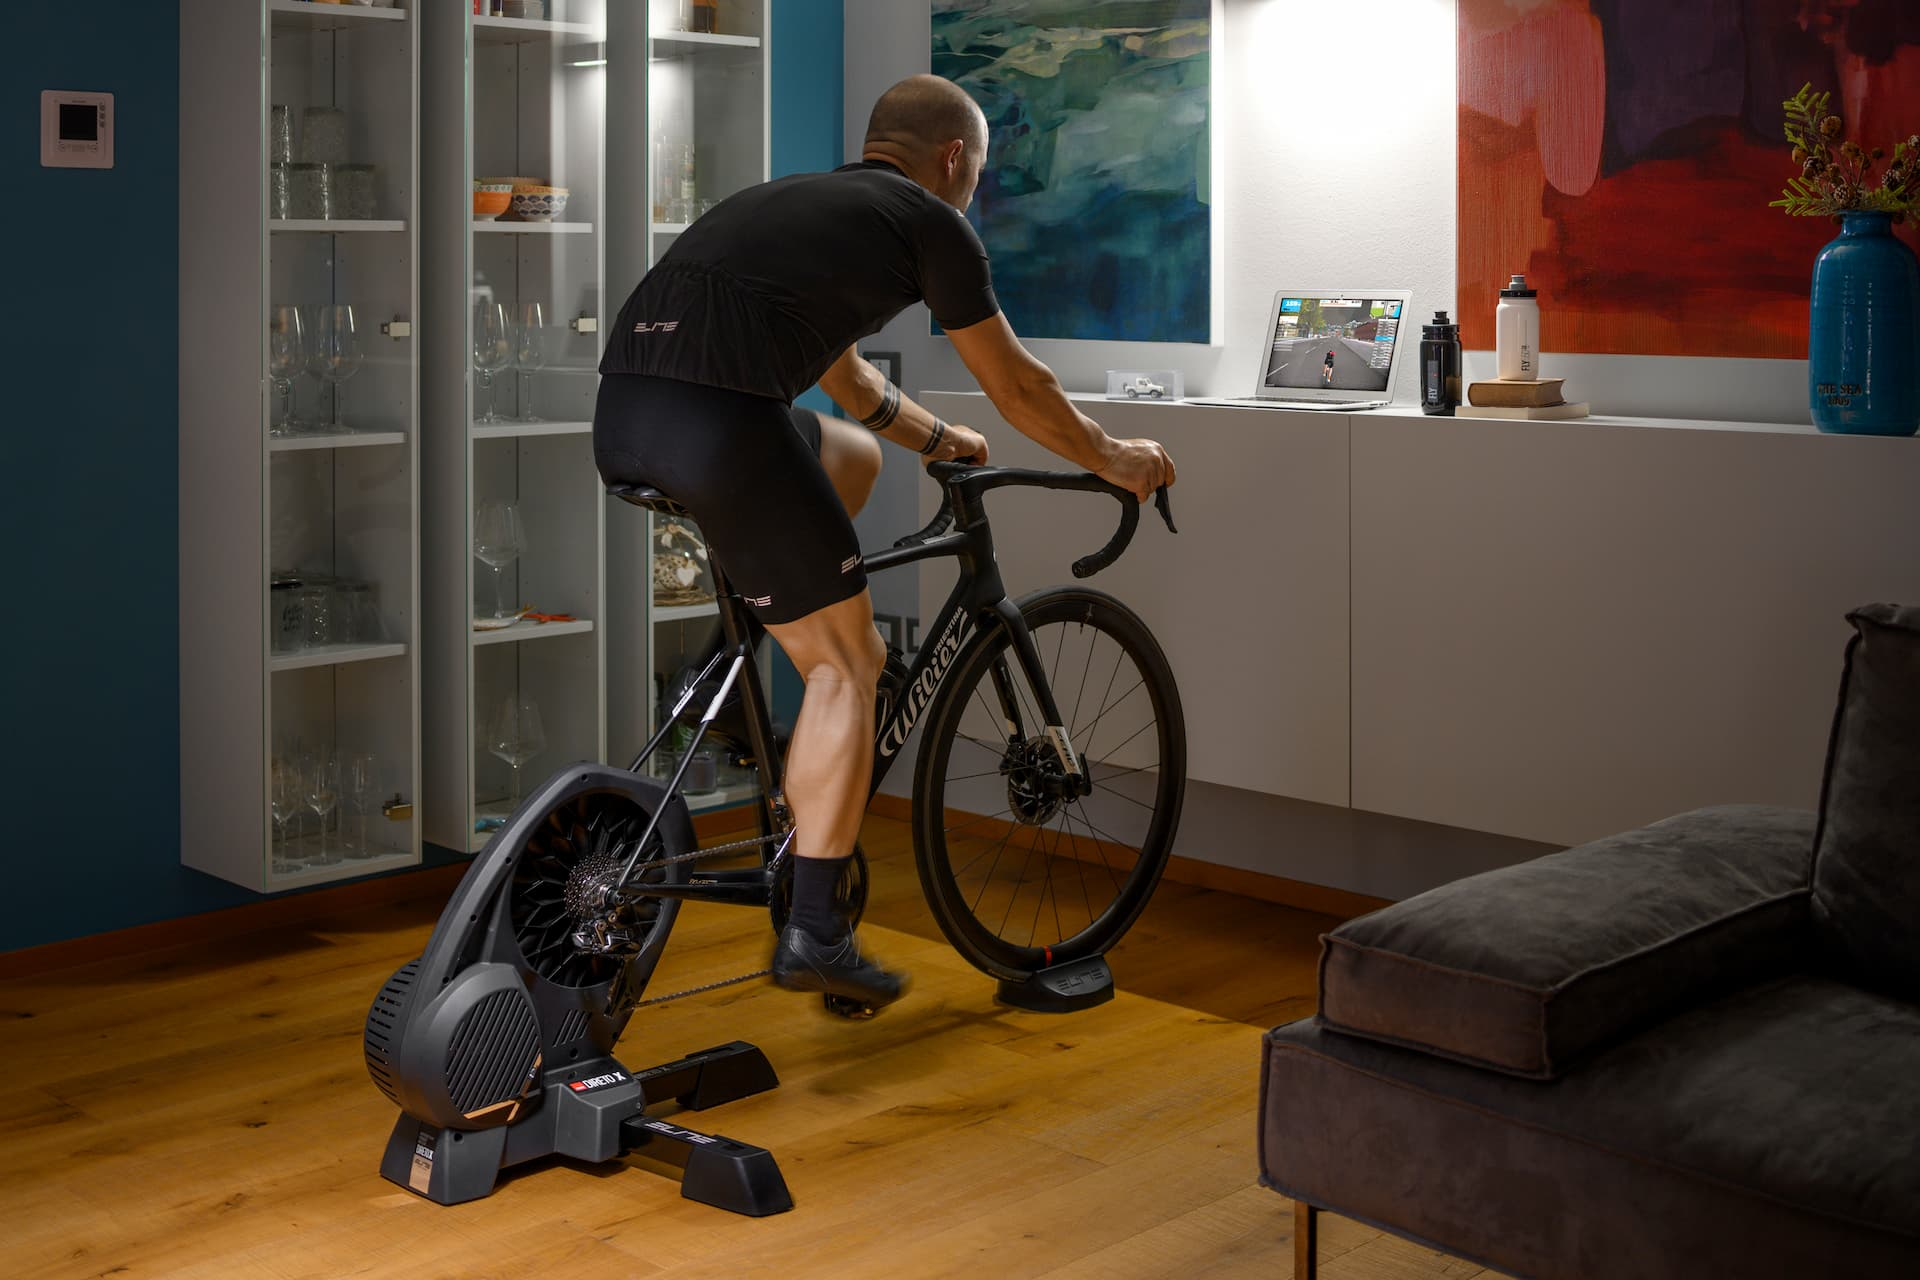 trenażer rowerowy umożliwia trening na rowerze w domu